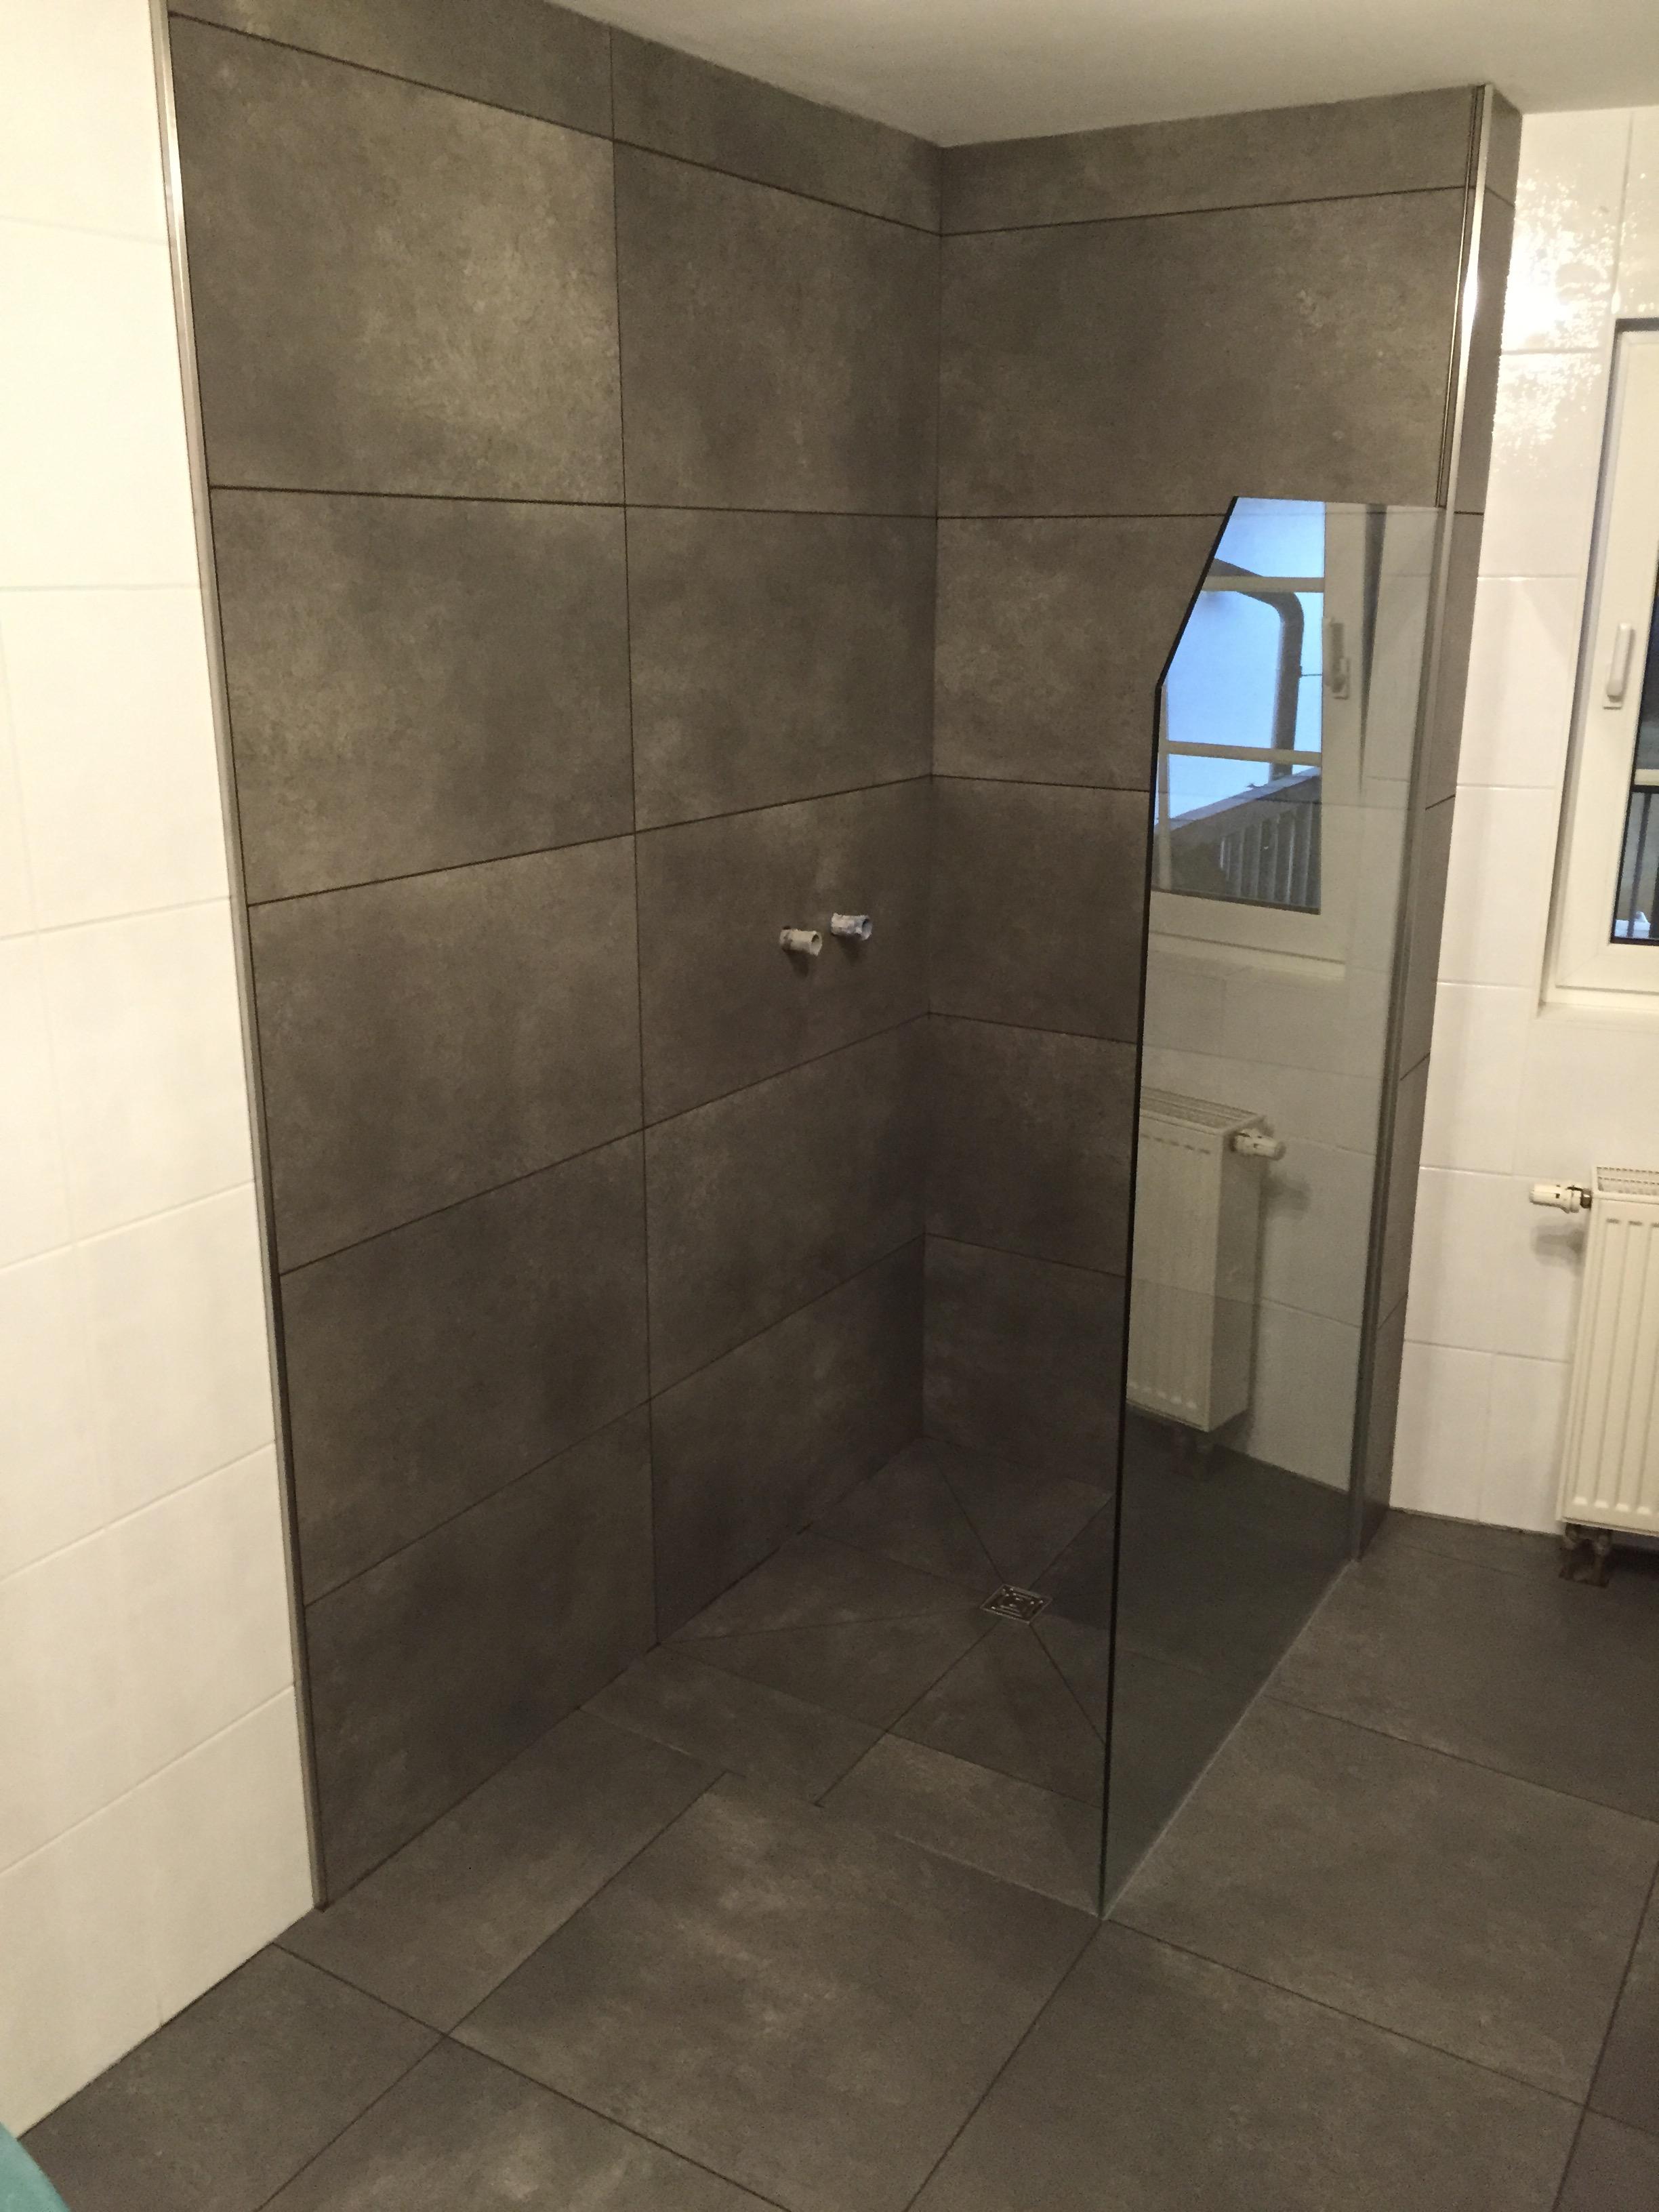 Barrierefreie Duschen fliesen brossart barrierefreie duschen